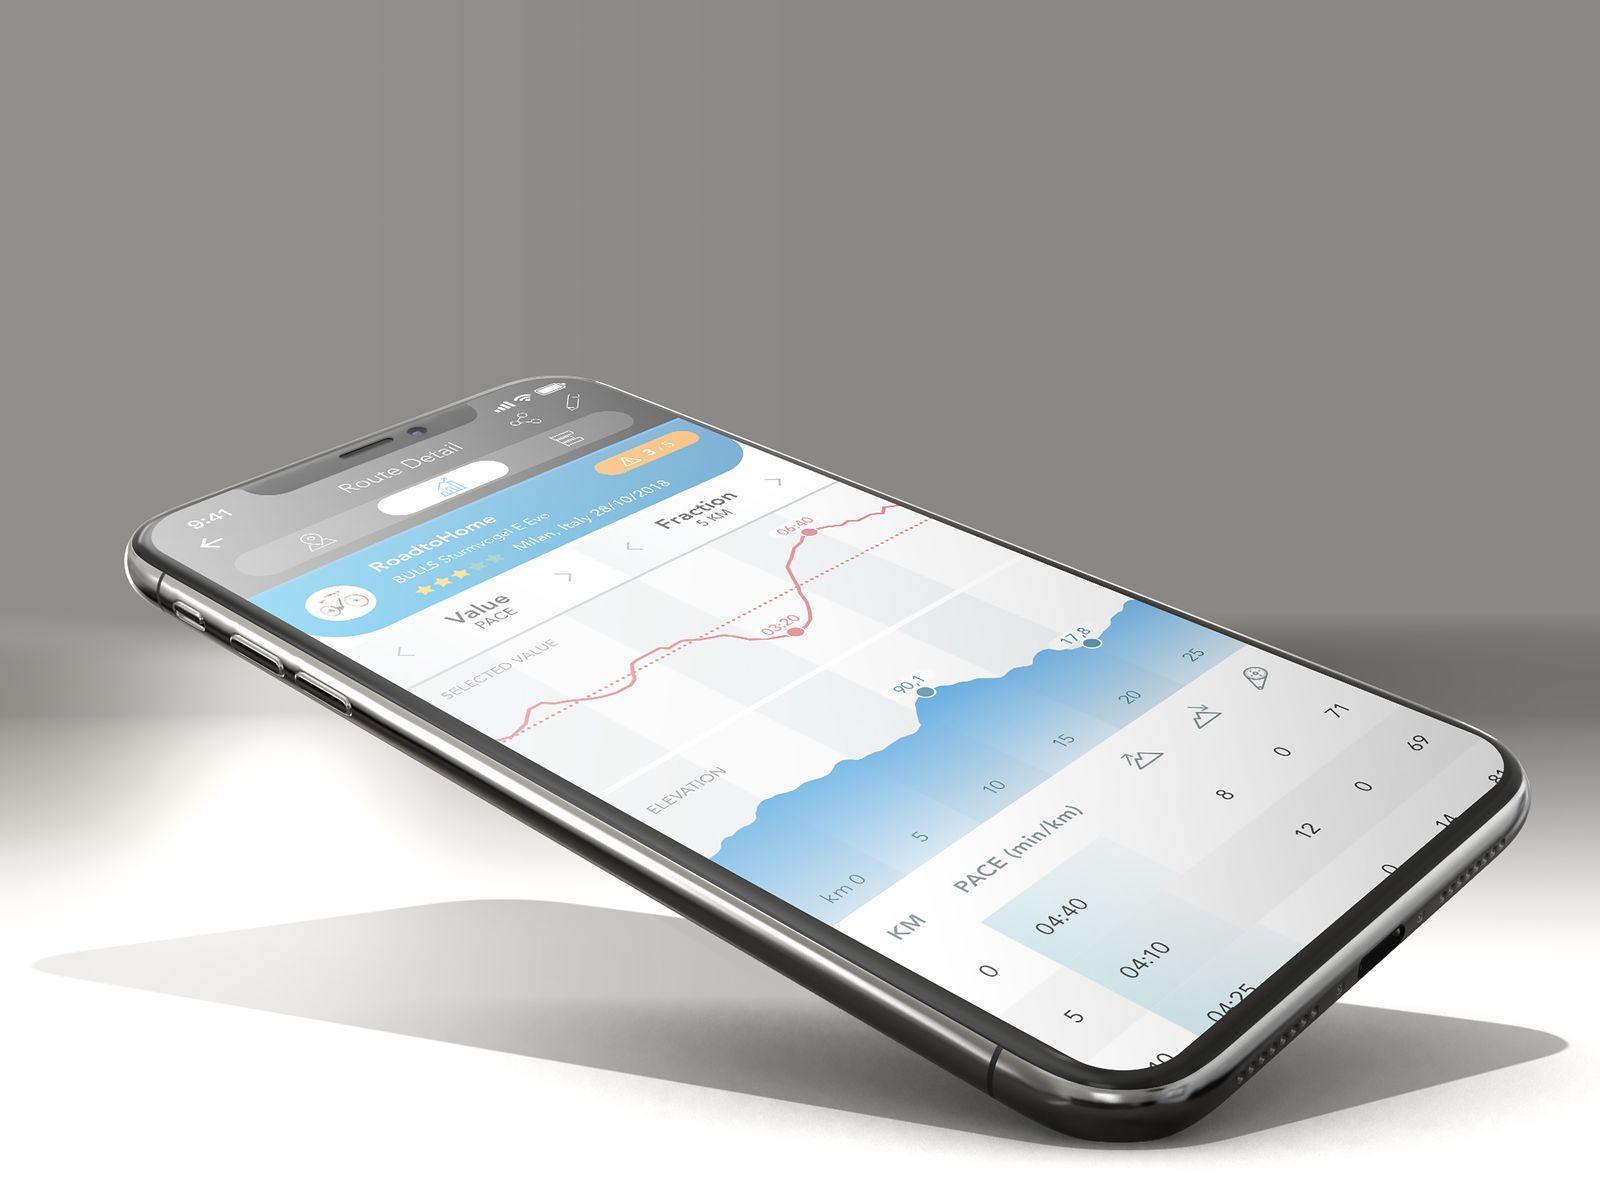 Datenverwertung der Fahrradtour auf dem Handy